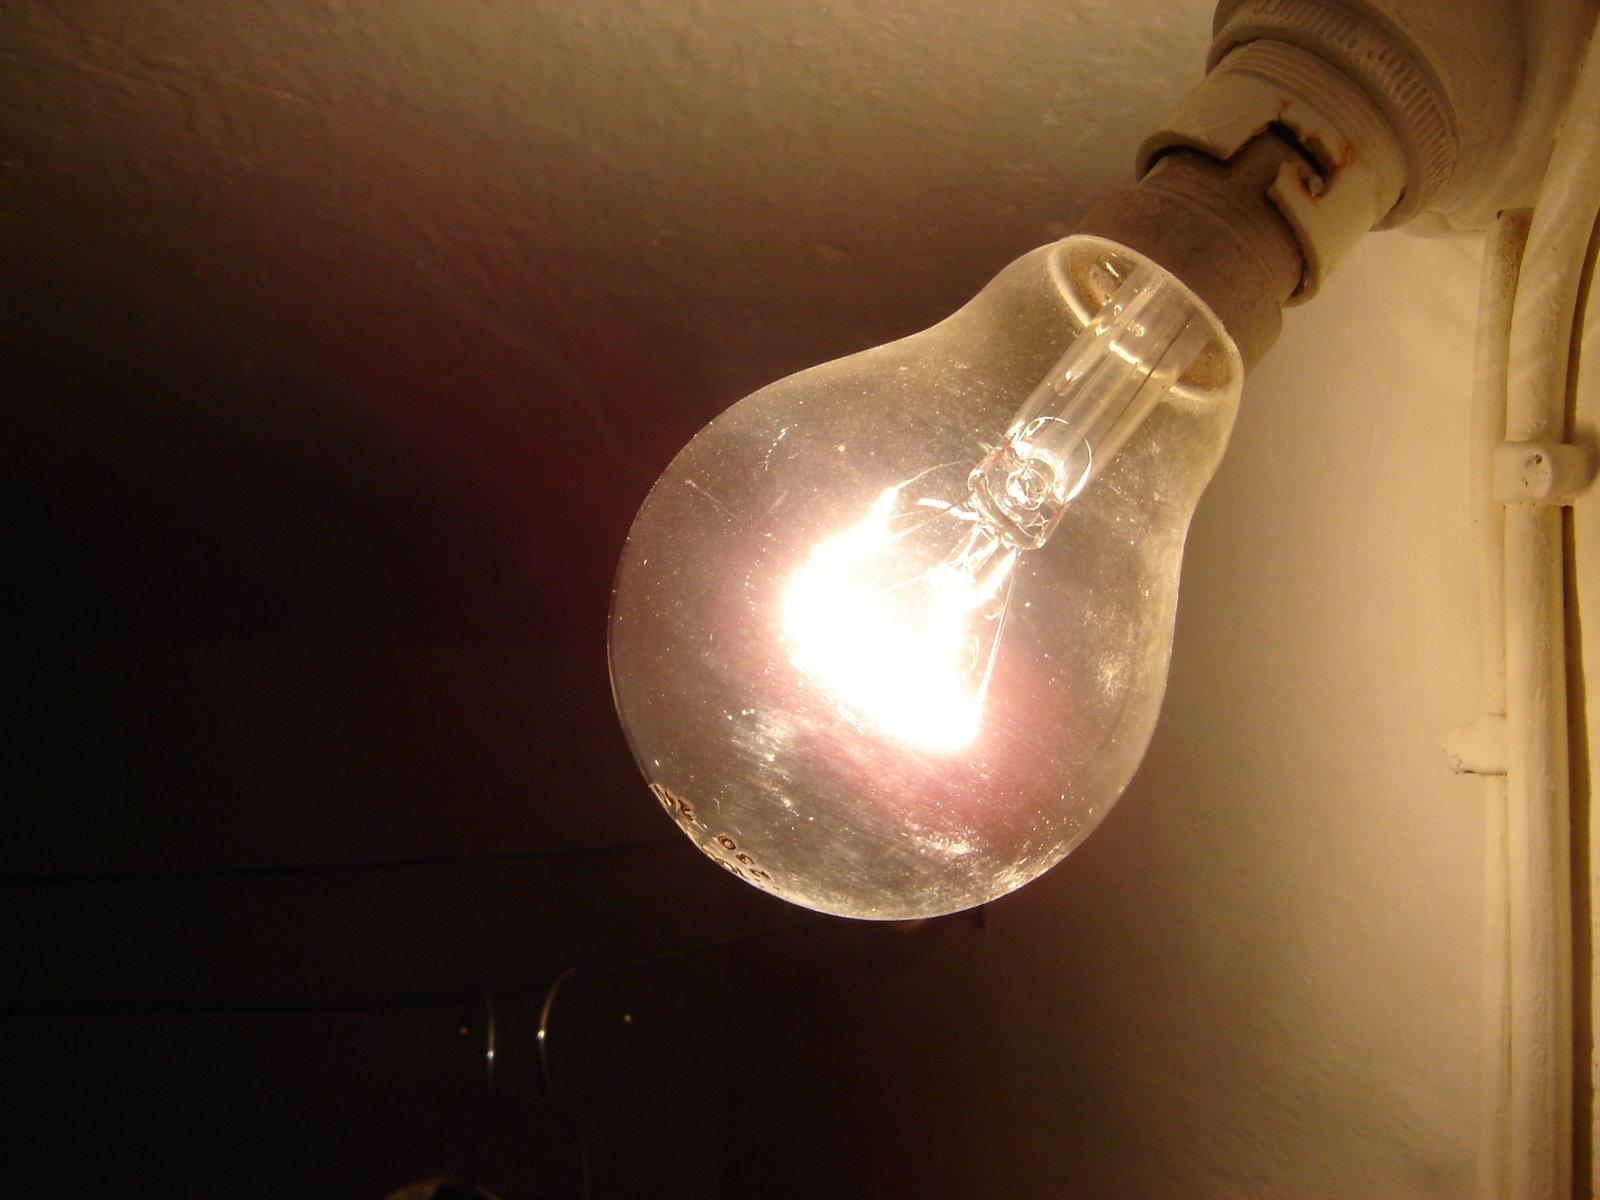 Prečo sú led žiarovky také úsporné?